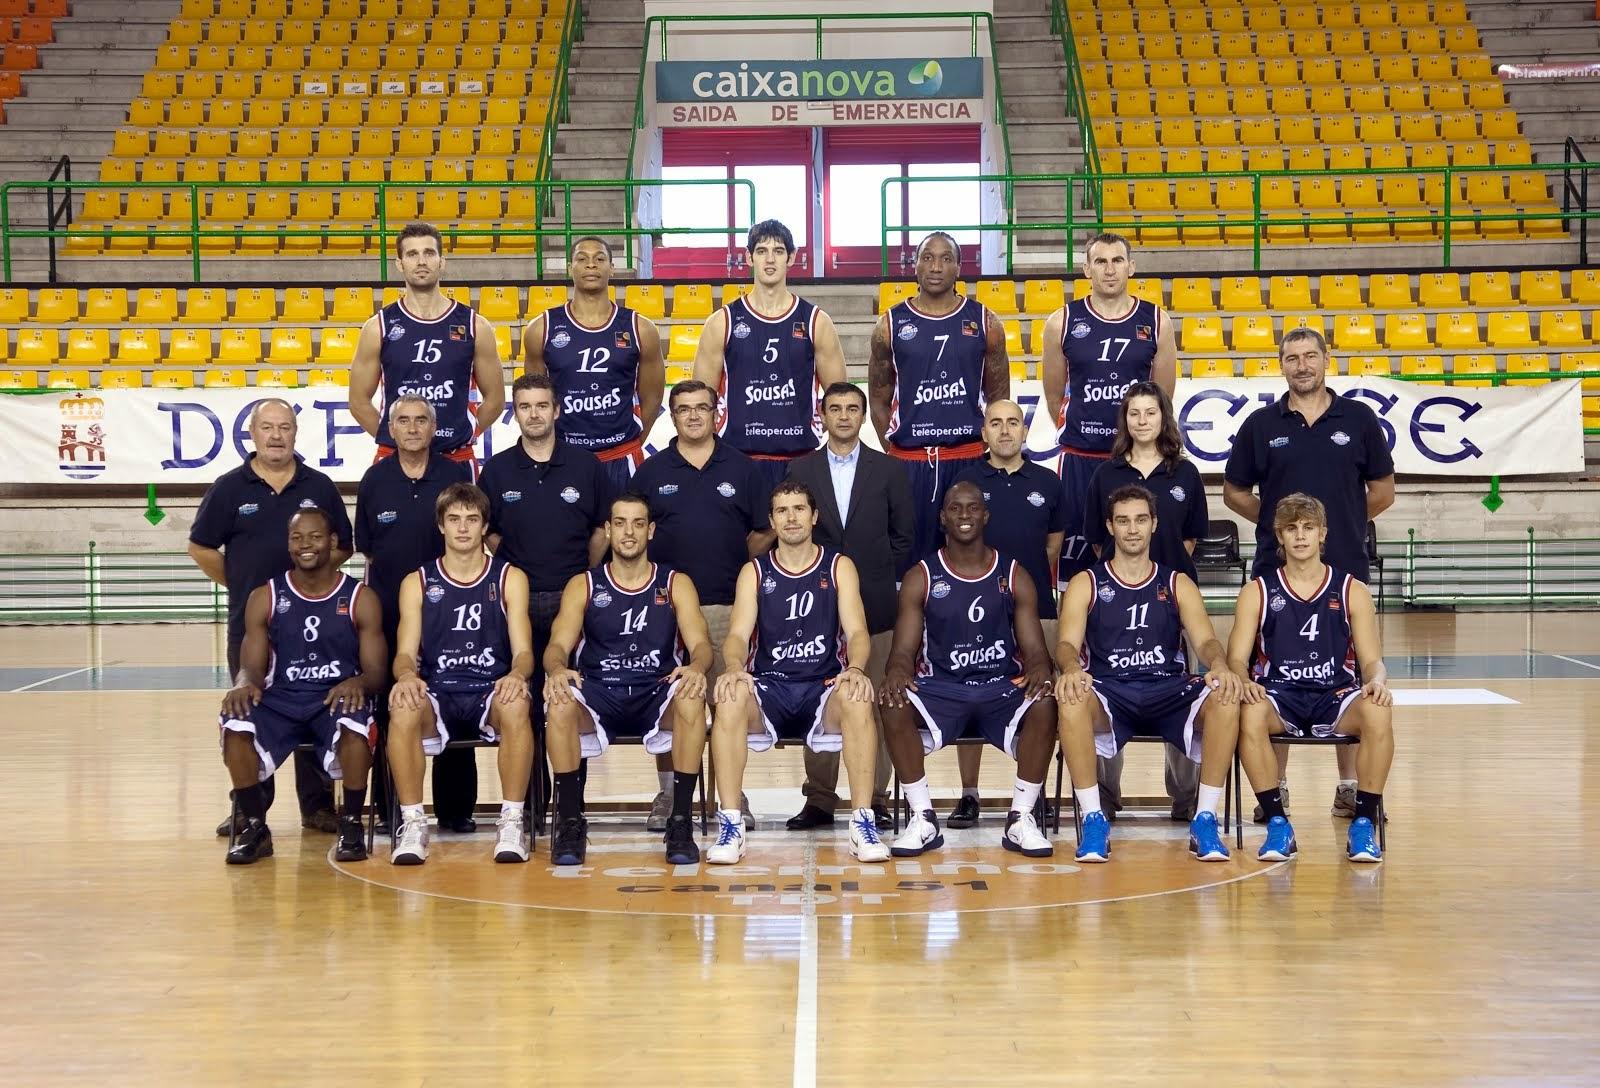 CLUB OURENSE B. 2010-2011. Liga LEB